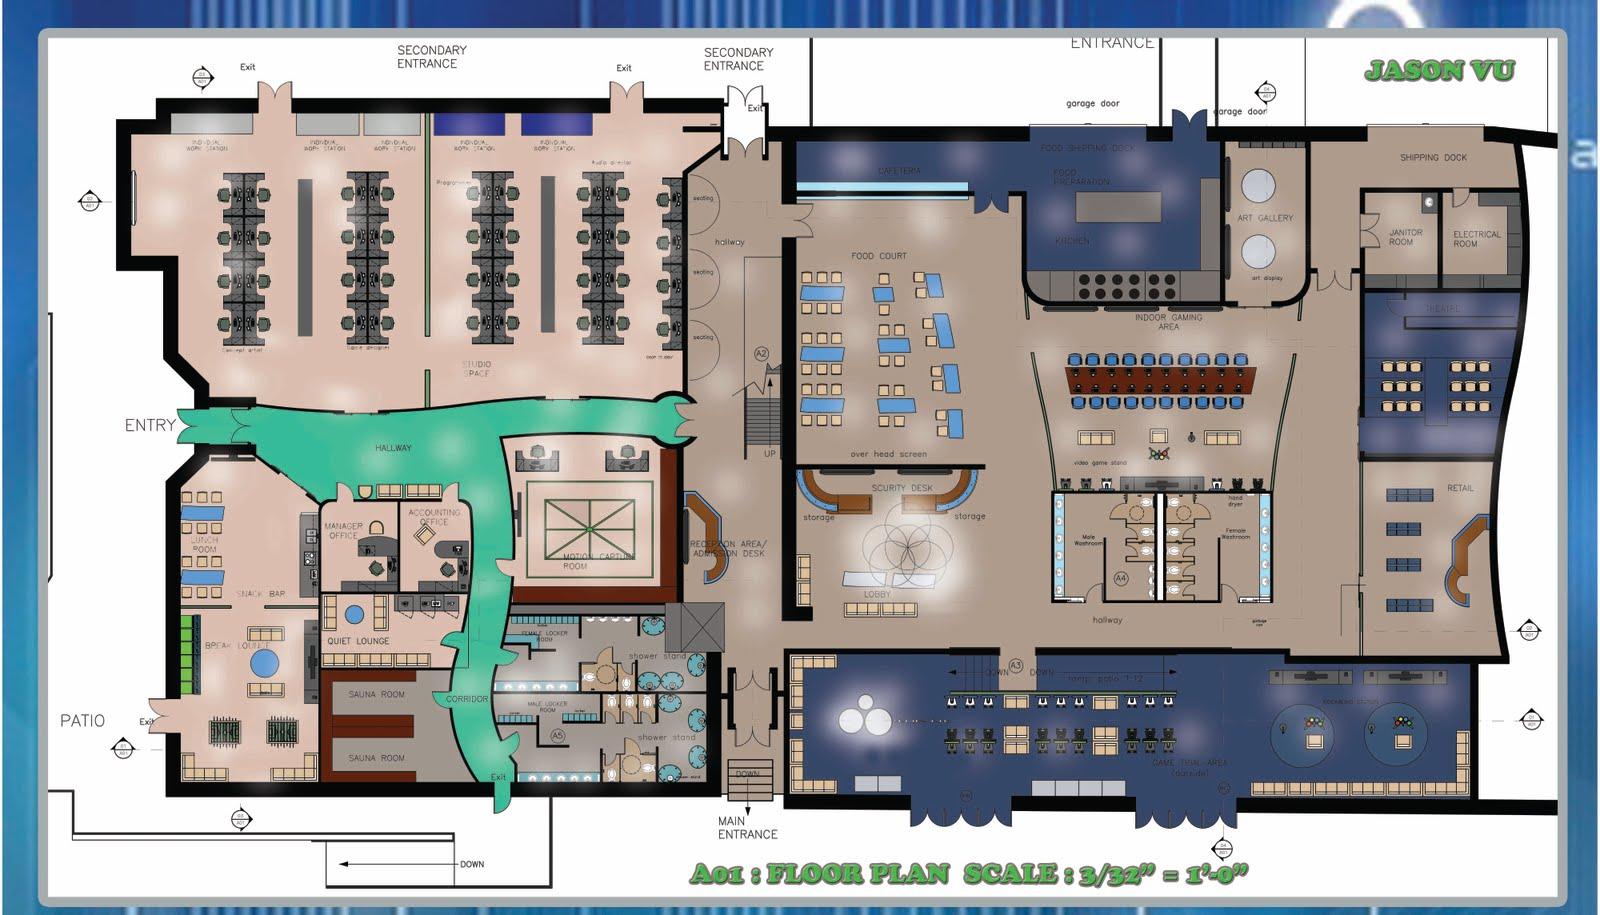 Portfolio Video Game Center Floor plan & Elevation